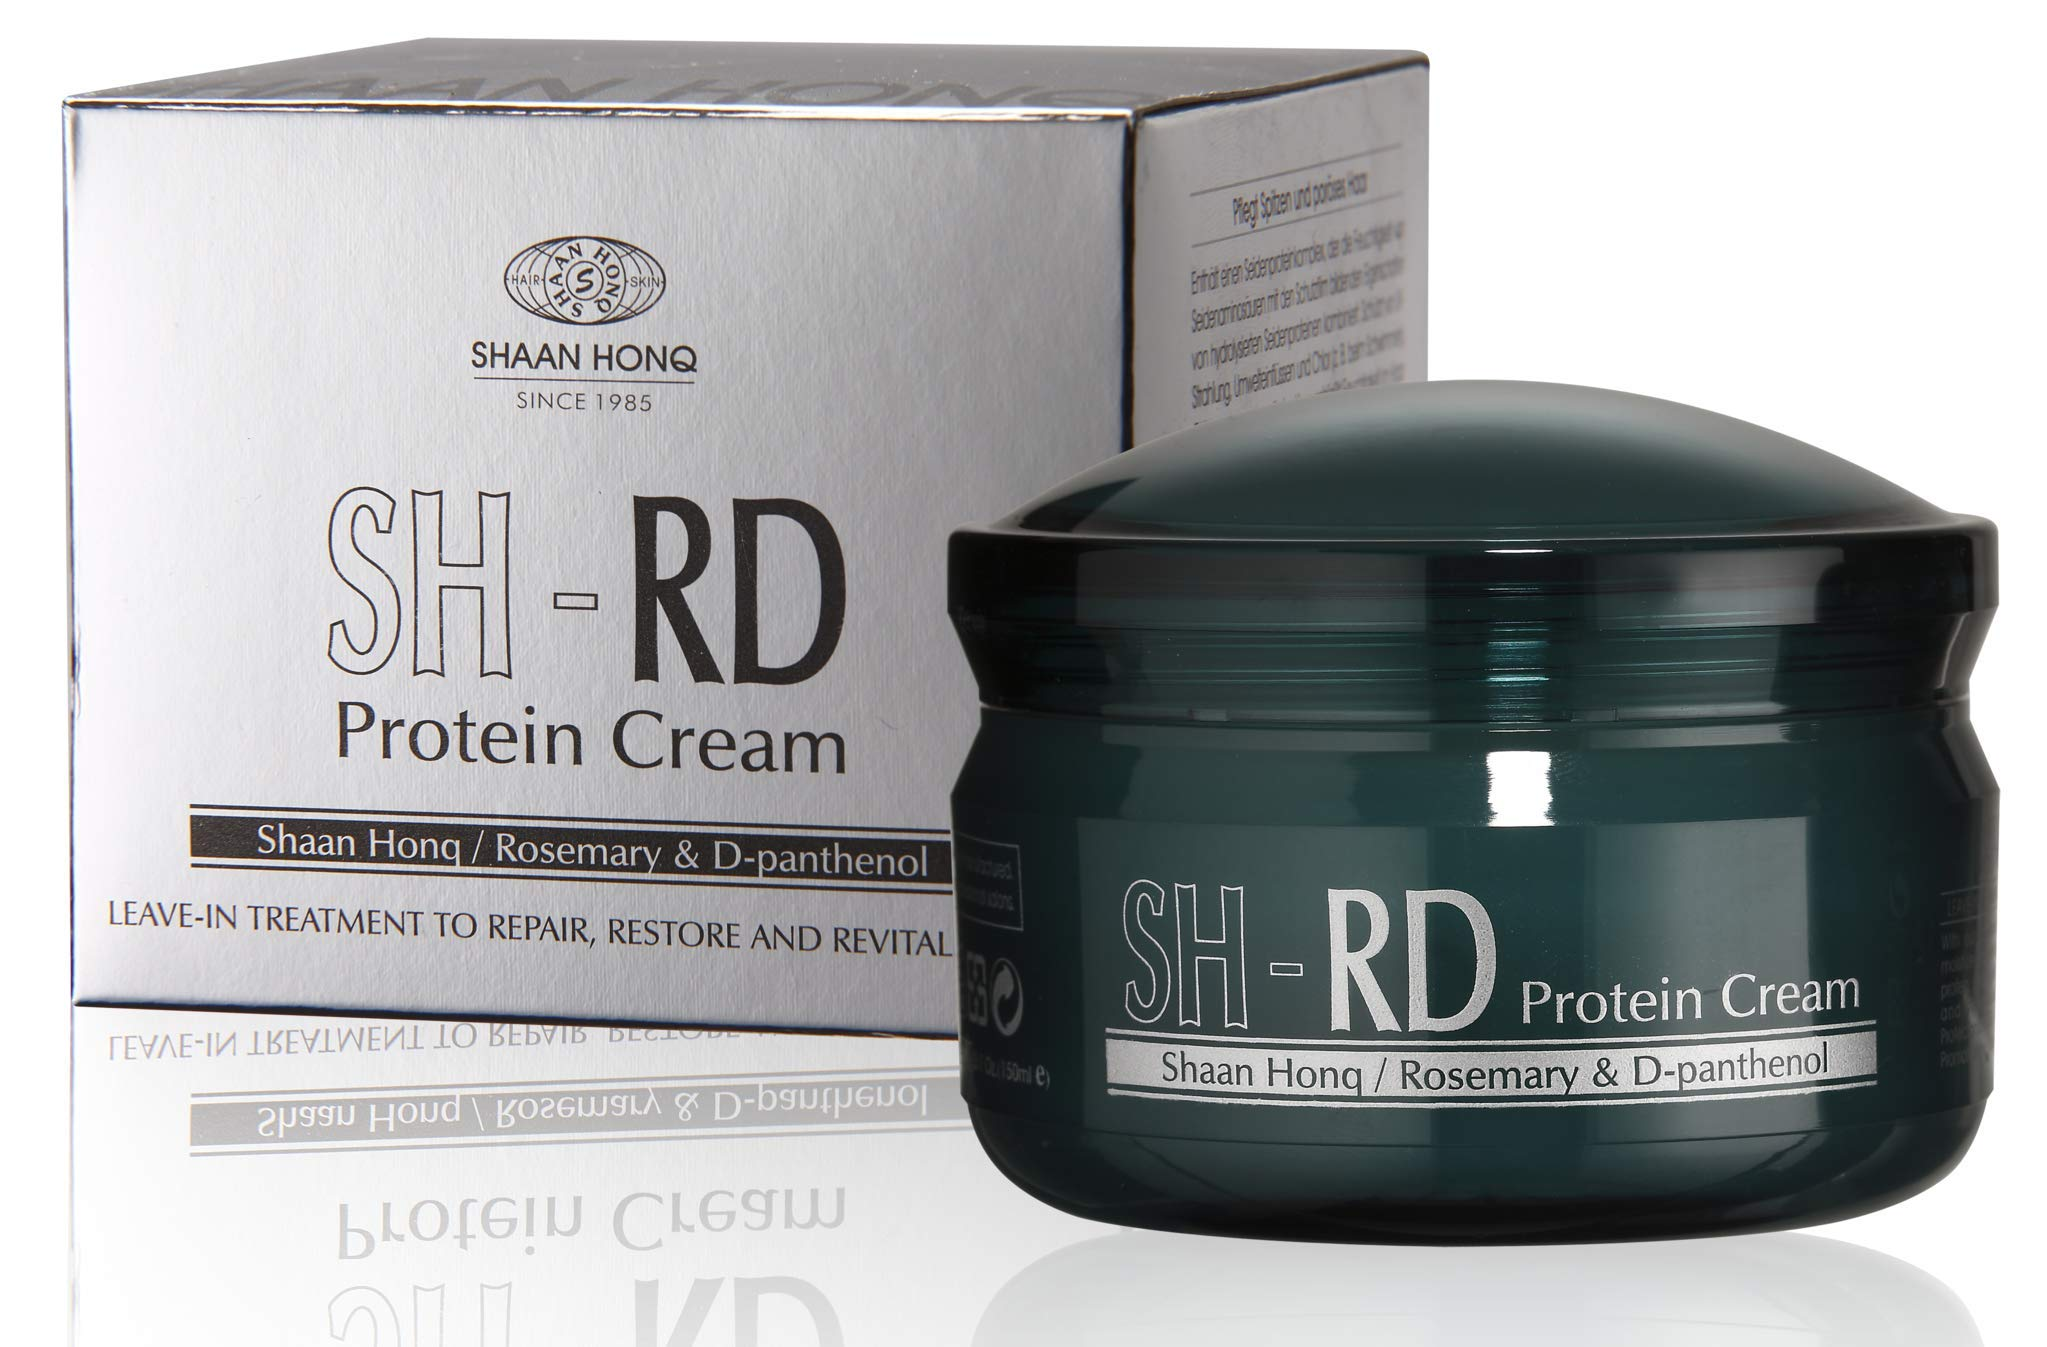 SH-RD Protein Cream (1.69oz/50ml) by SH-RD